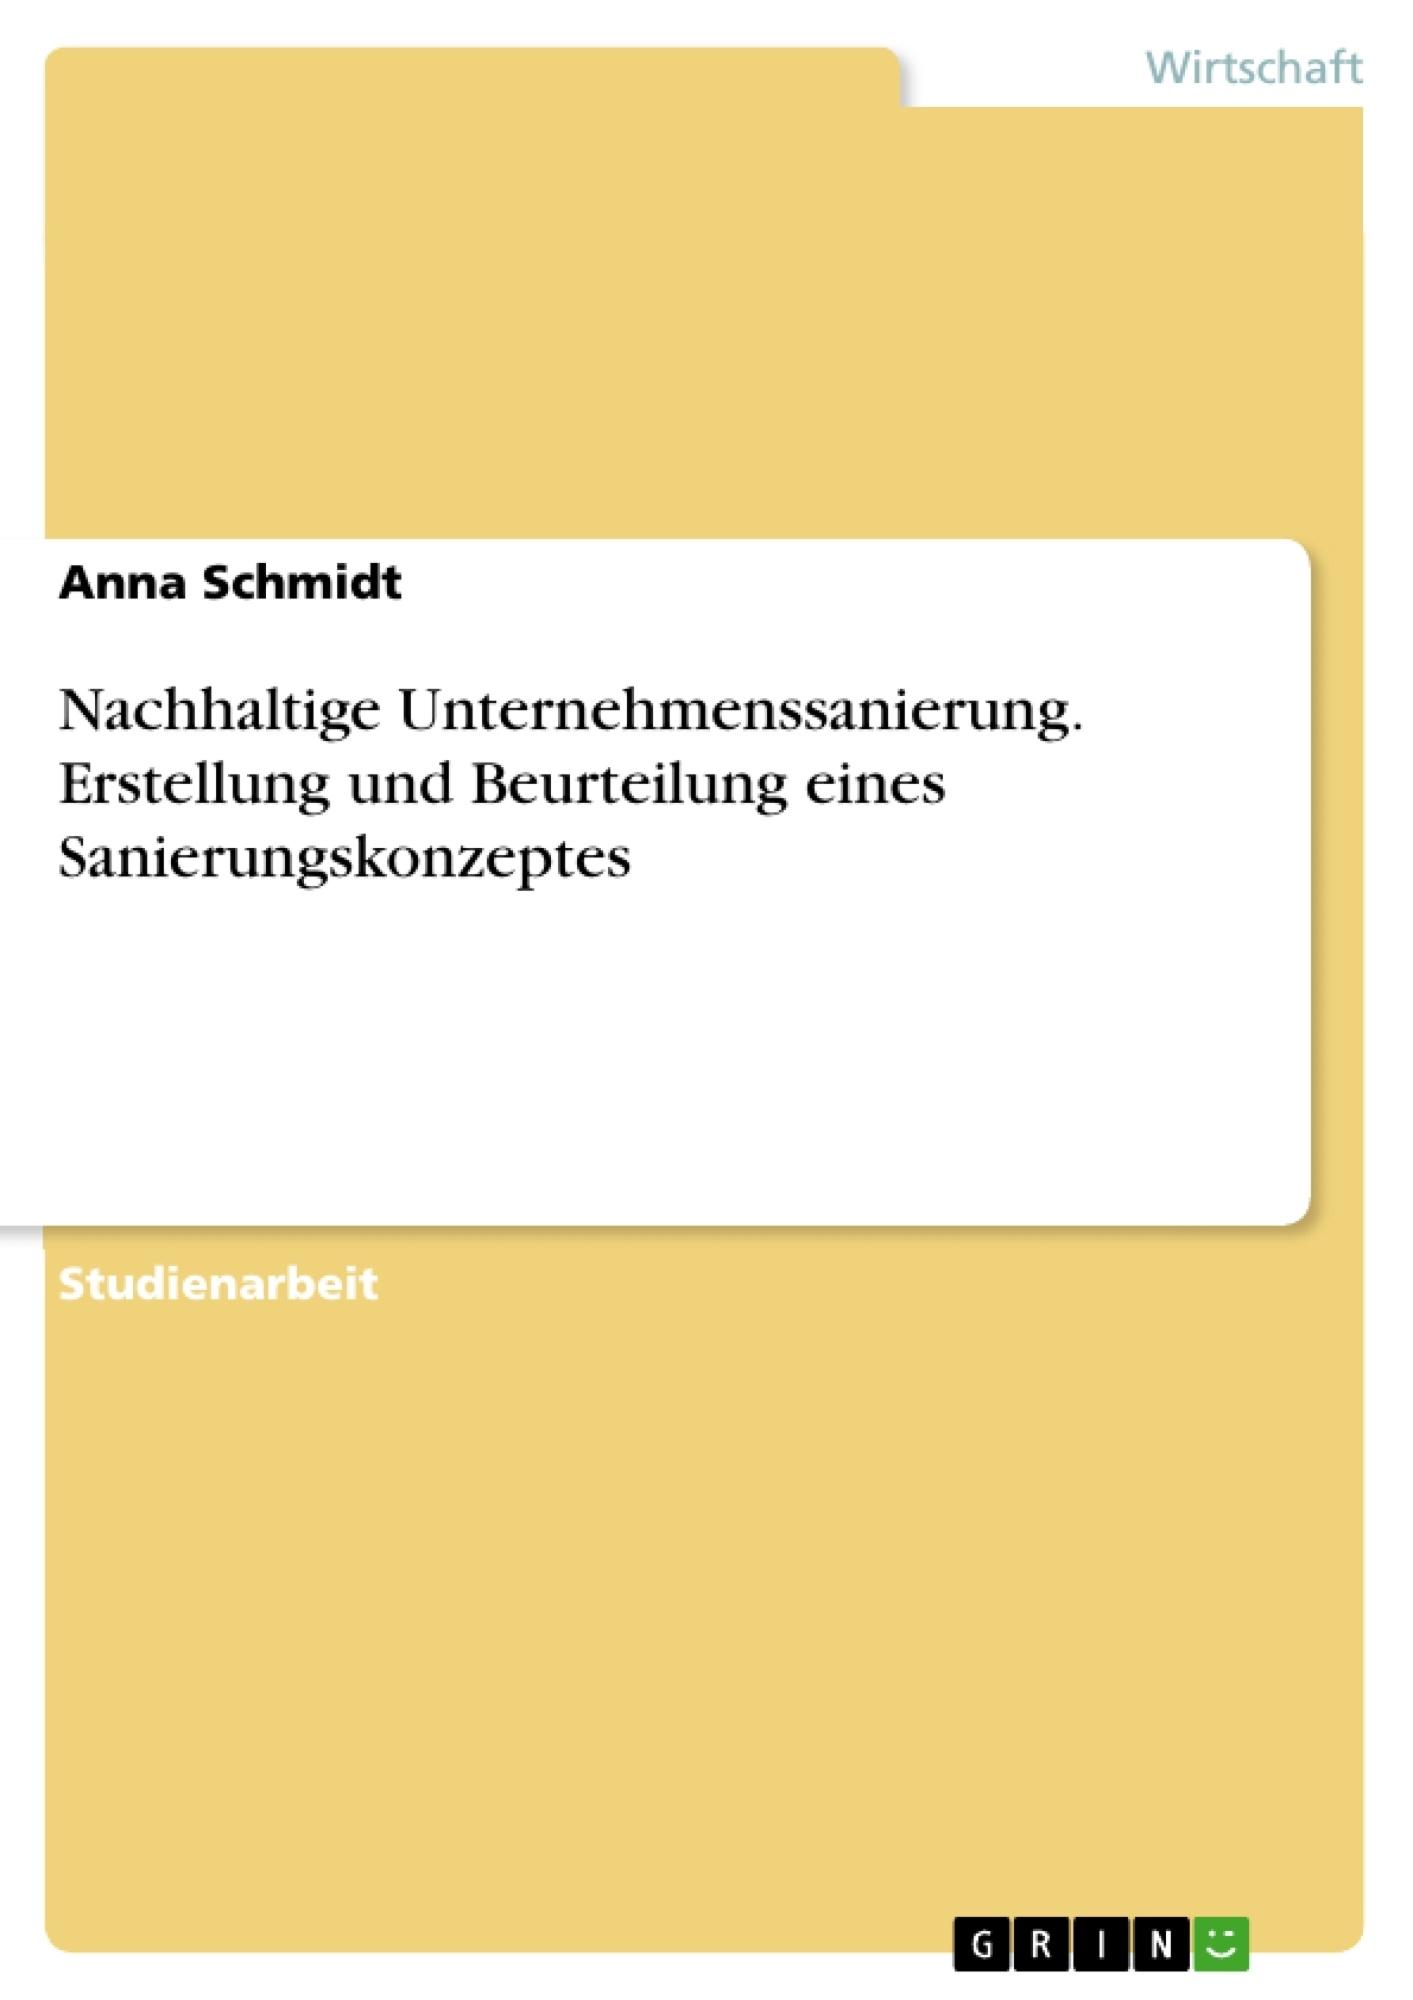 Titel: Nachhaltige Unternehmenssanierung. Erstellung und Beurteilung eines Sanierungskonzeptes